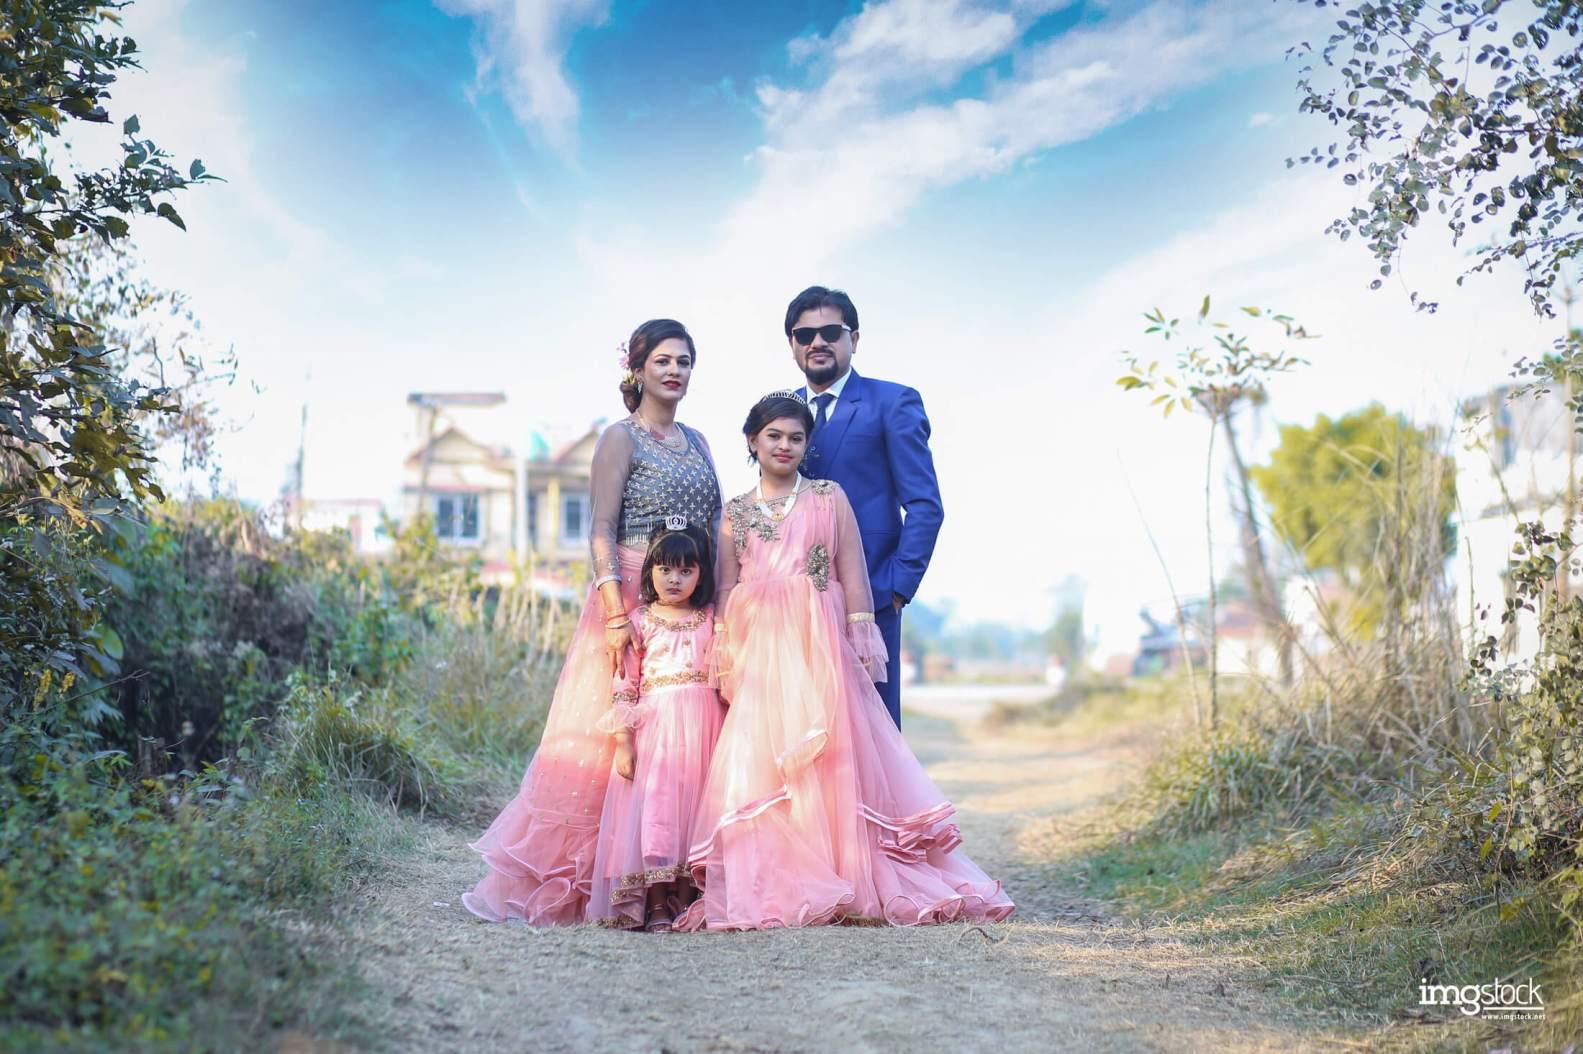 Anniversary Photoshoot - Imgstock, Biratnagar